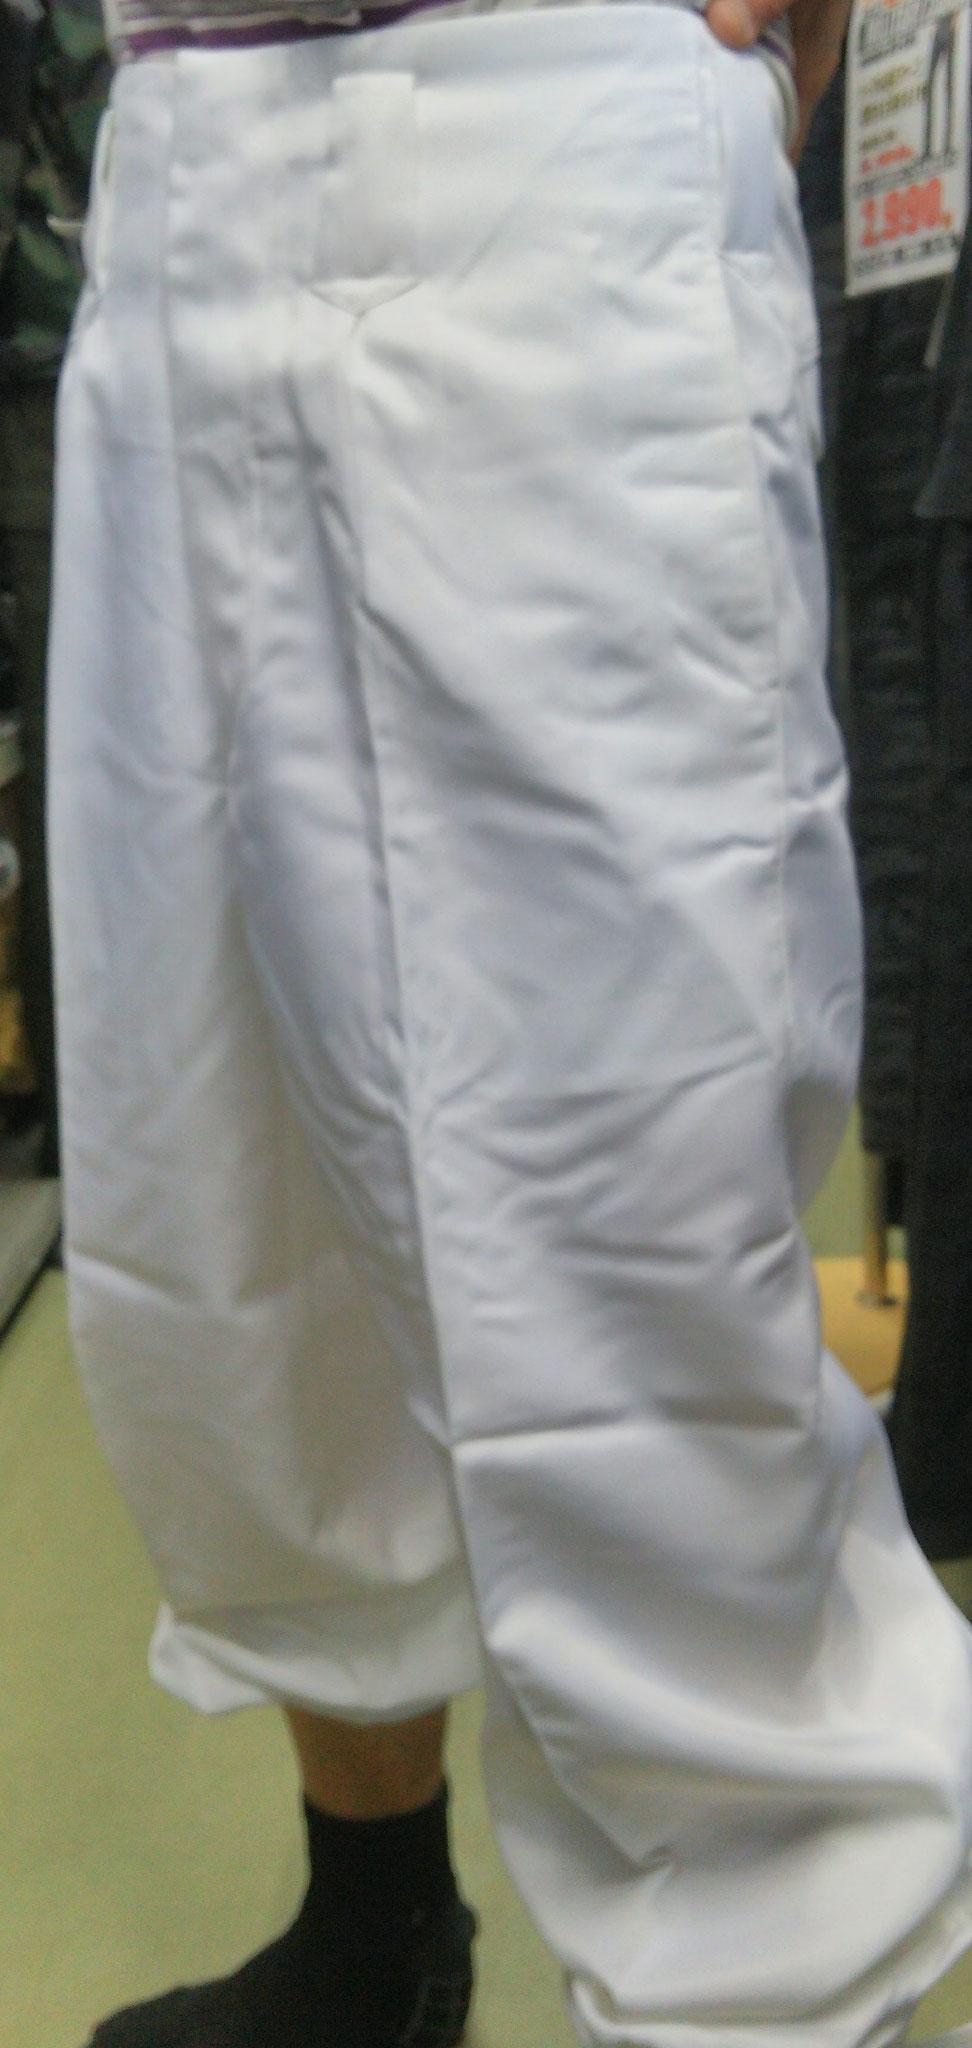 カッコイイ関東鳶ニッカズボン<白色>¥1,990(税込)SIZE:73-120cmまで同一価格!!やしーで(笑)